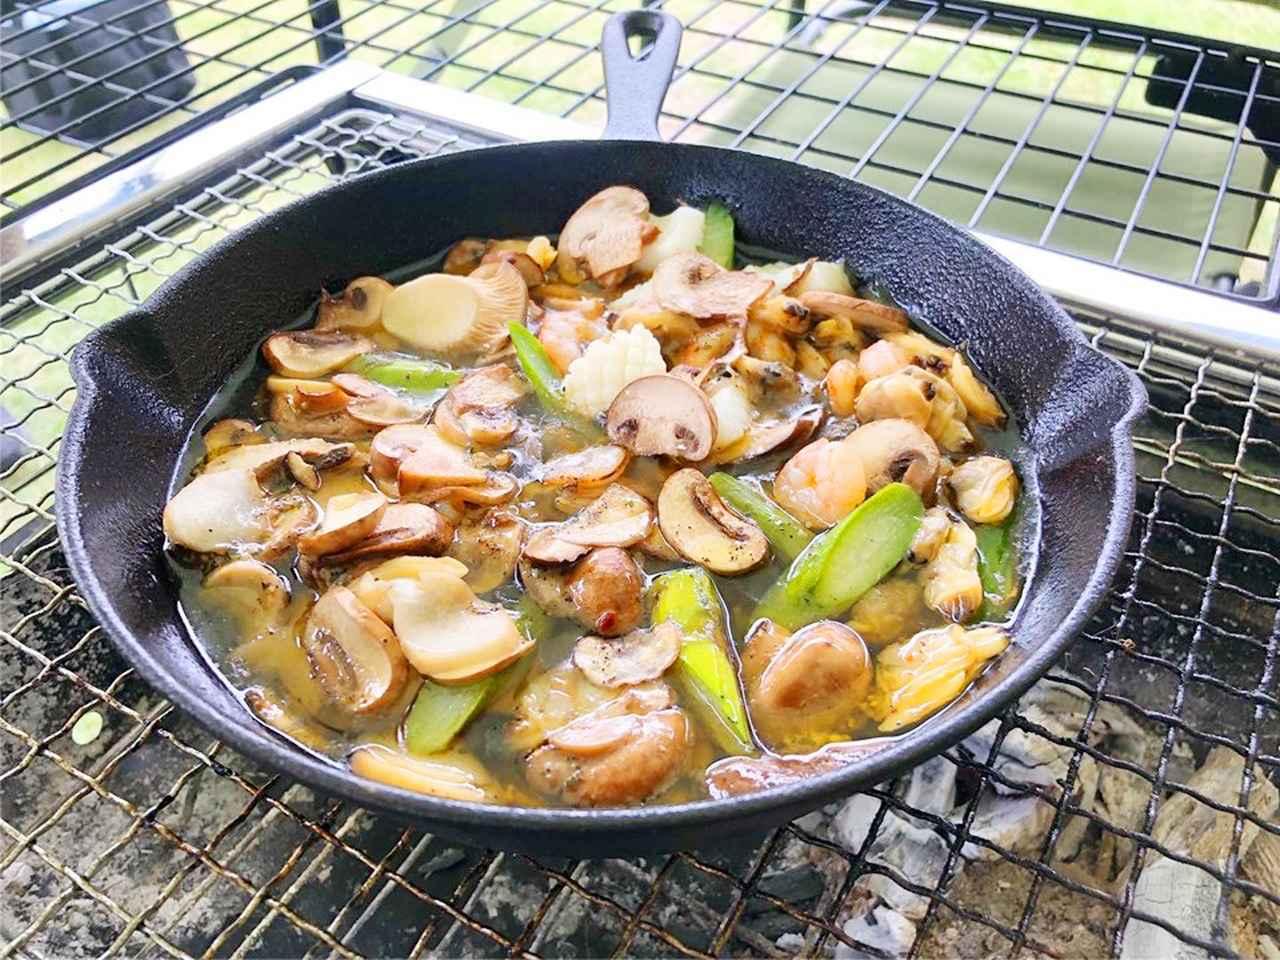 画像: 【レシピ公開】おすすめの蓋付きスキレットや選び方・料理を紹介 シーズニングも解説 - ハピキャン(HAPPY CAMPER)